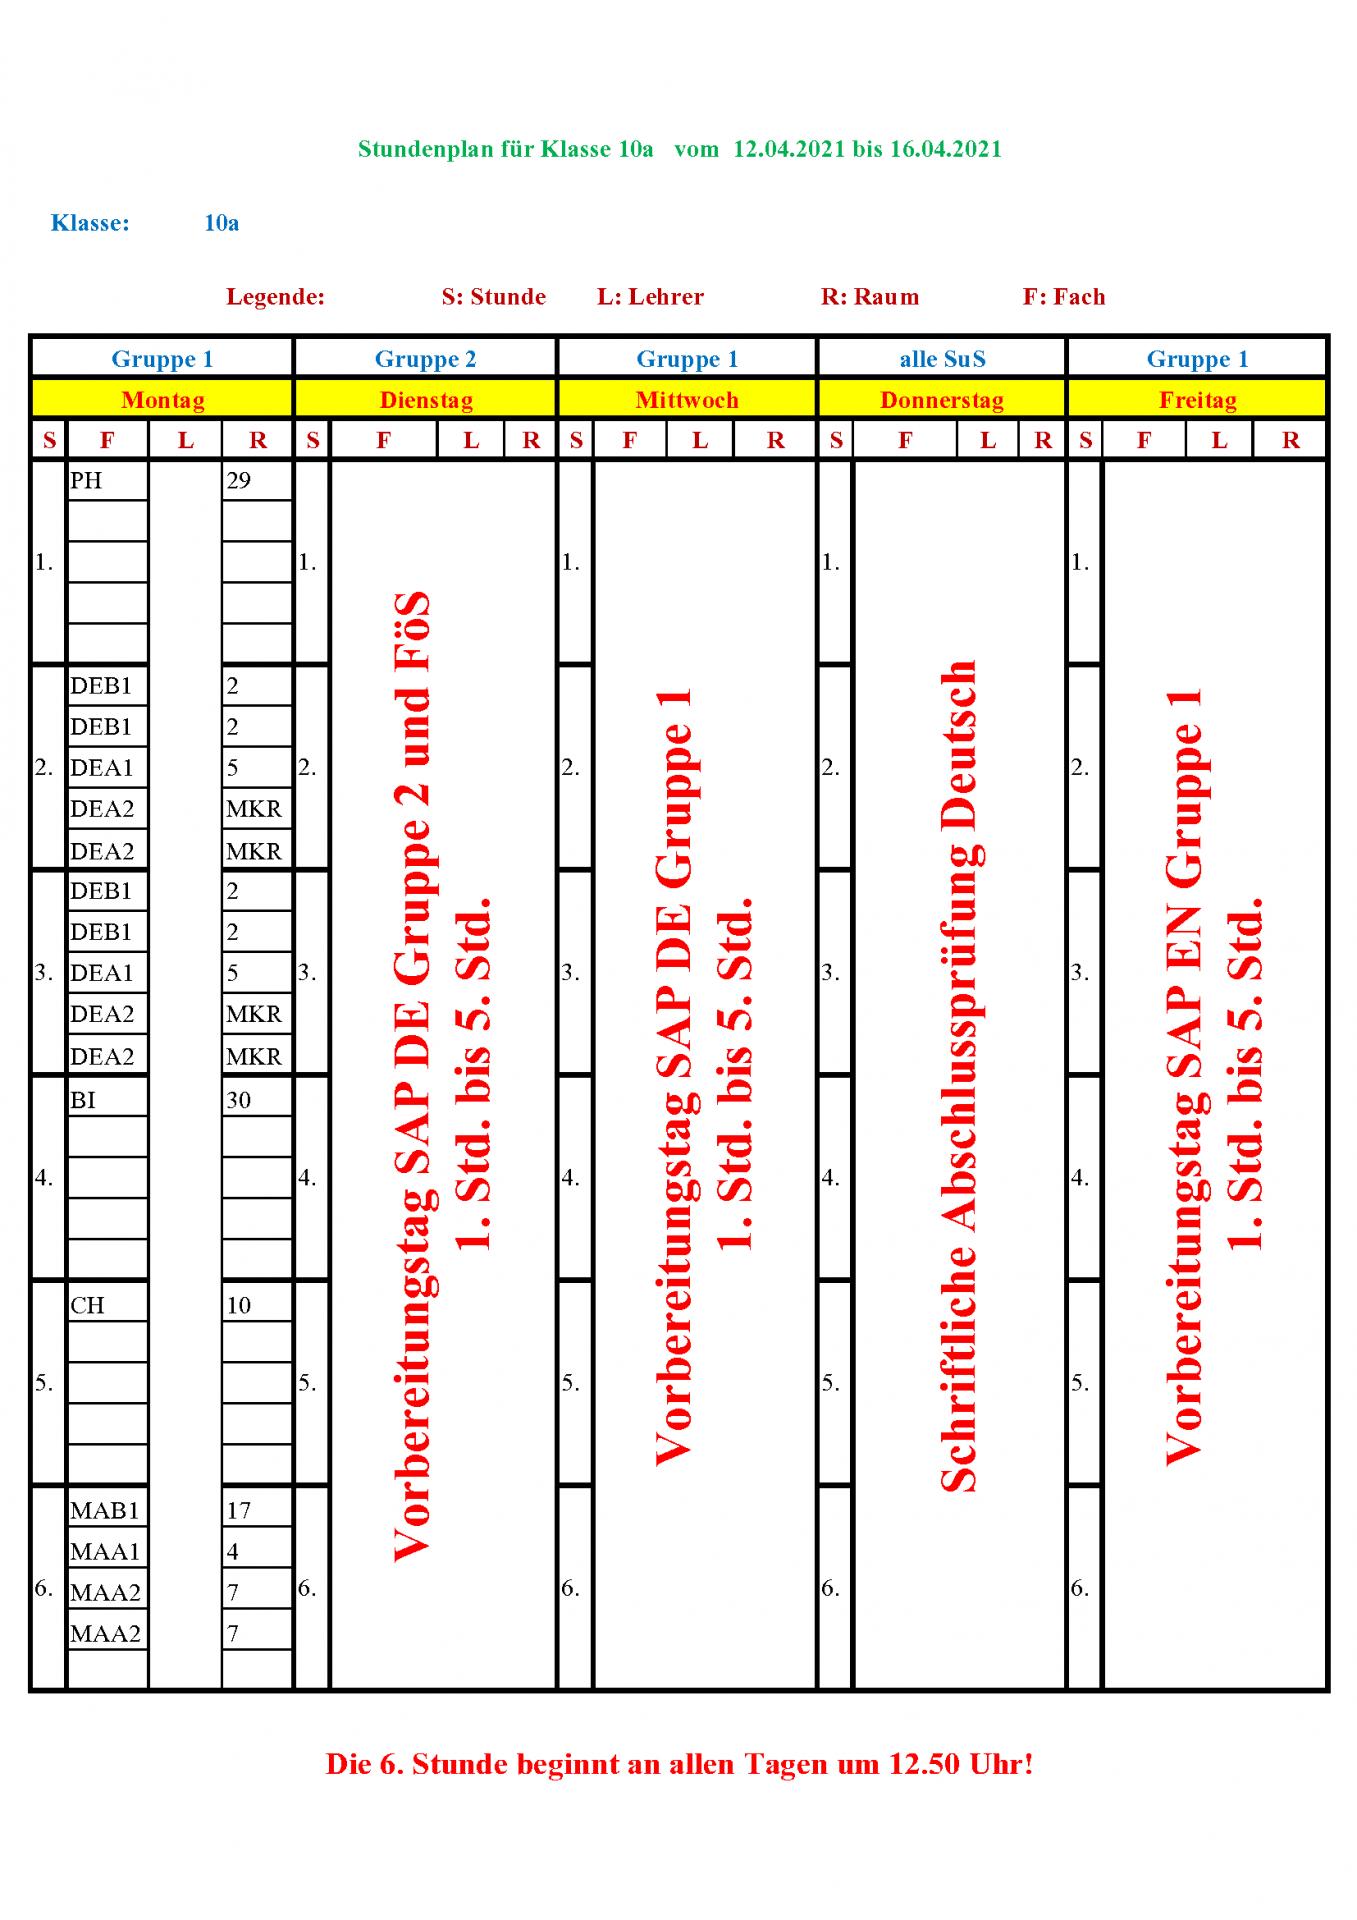 Sonderplan 10a vom 12.04.2021 bis 16.04.2021